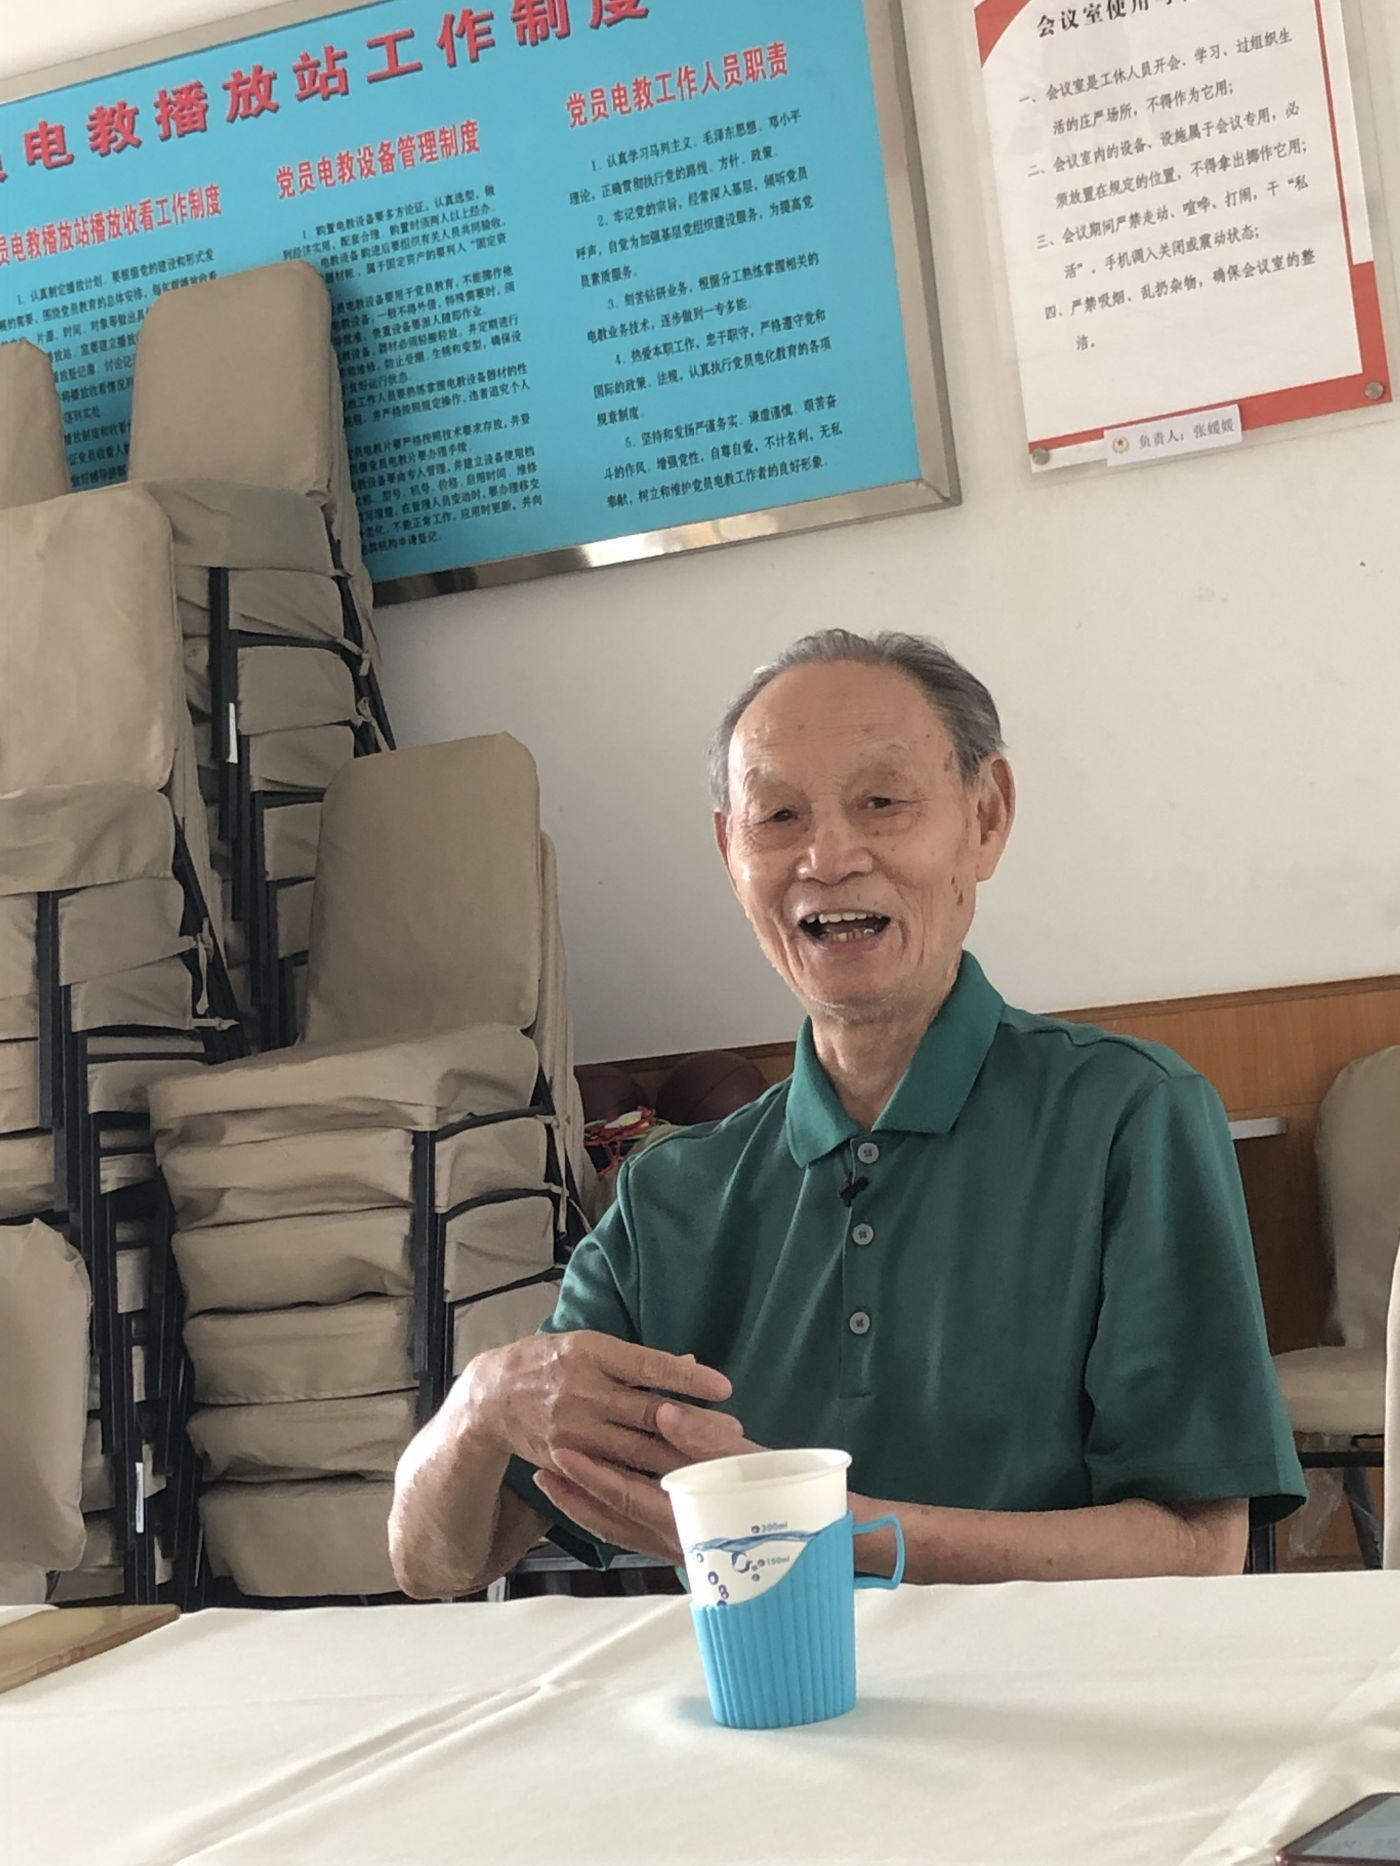 山区助学20年 退休老兵播种希望